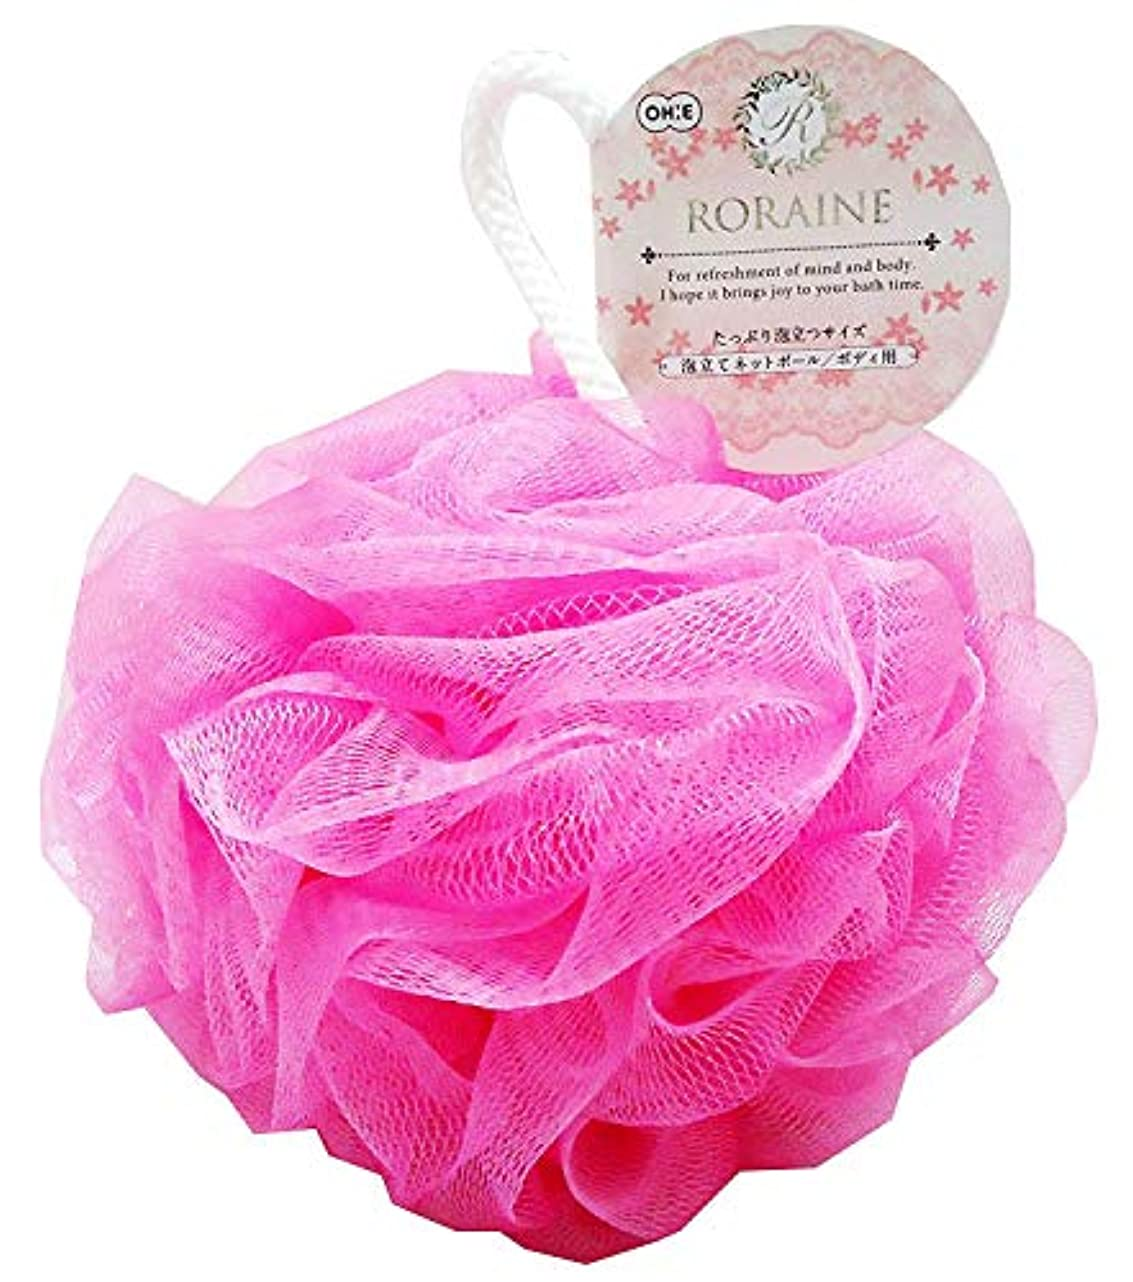 笑変数差別オーエ ボディスポンジ ロレーヌ 泡立てネットボールボディ用 ピンク 約22×12.5×12.5cm 1個